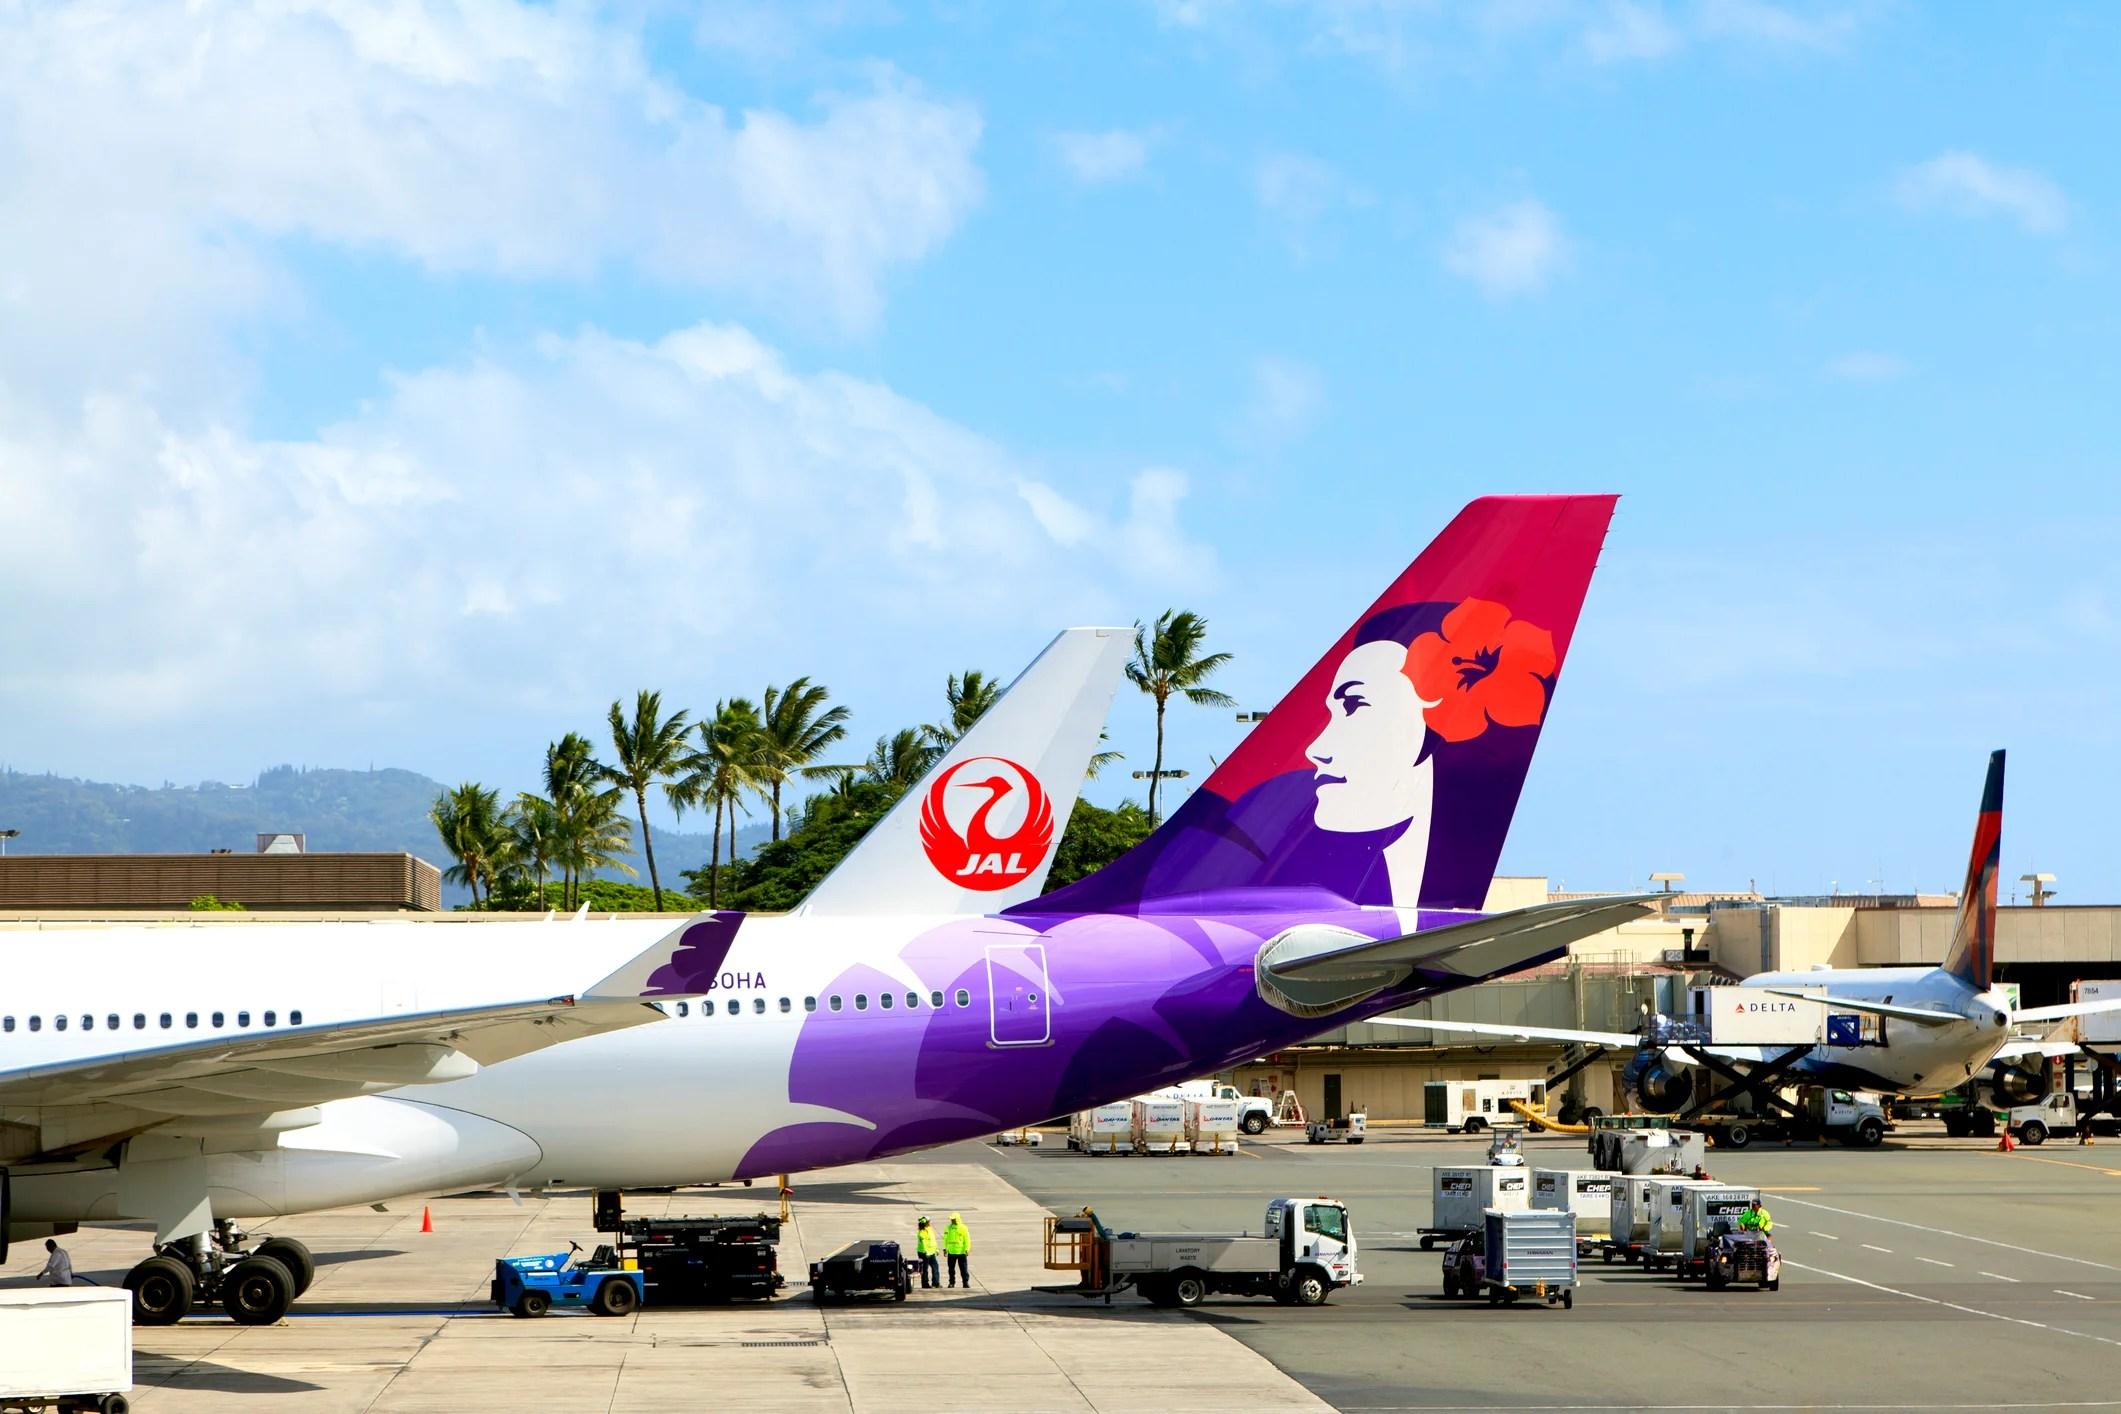 Resultado de imagen para hawaiian airlines japan airlines